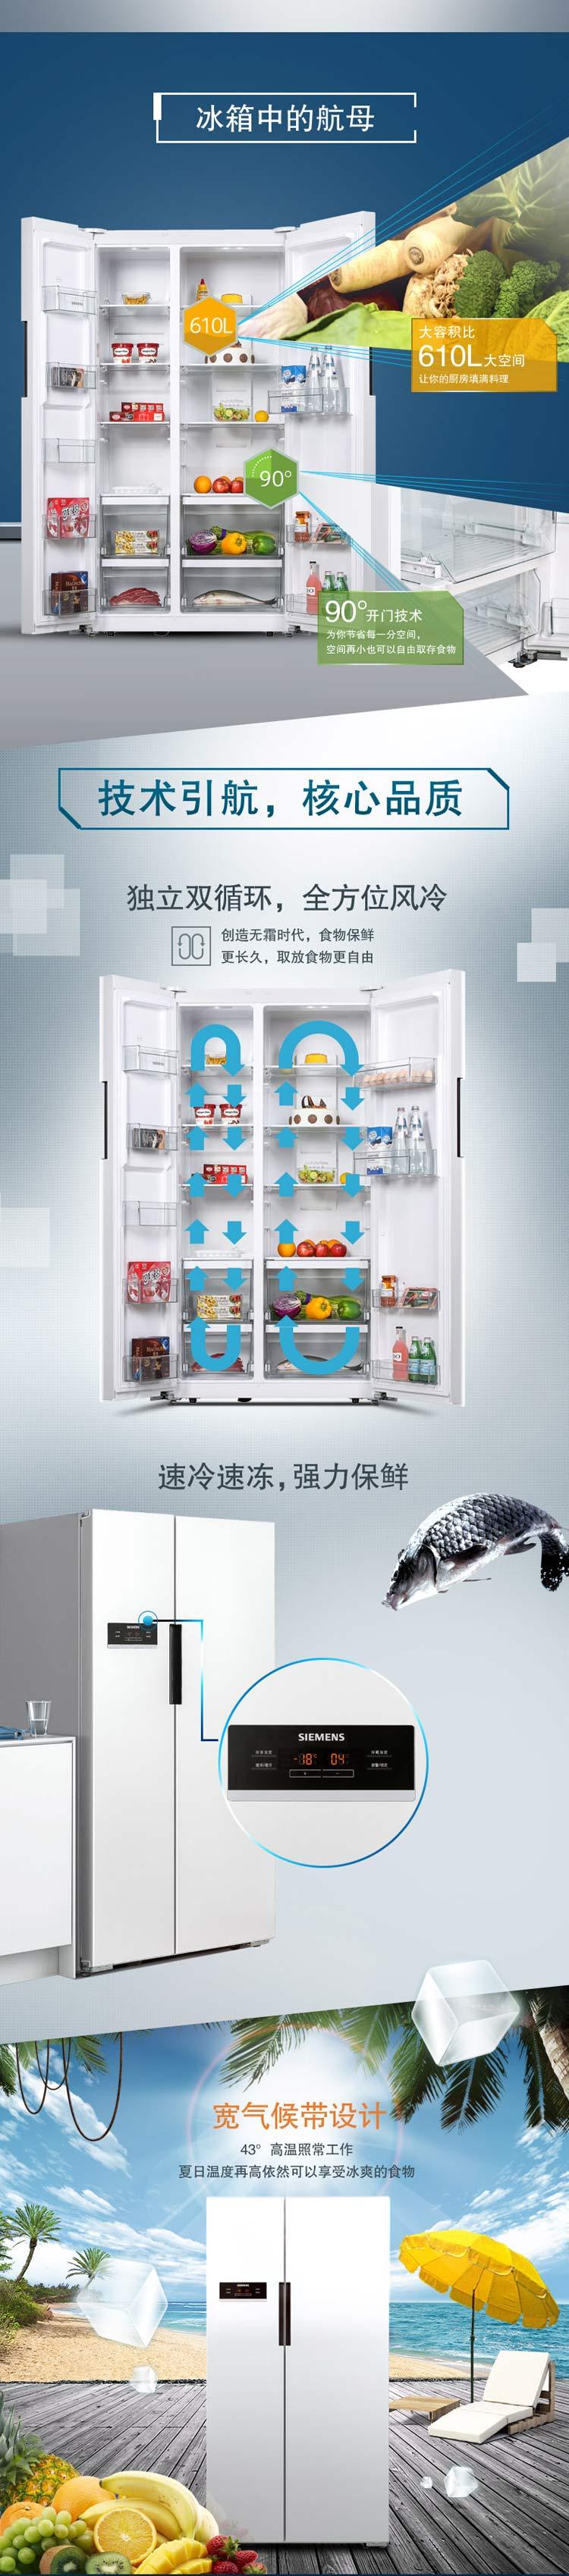 每日一道家常菜:荔枝杨梅雪糕